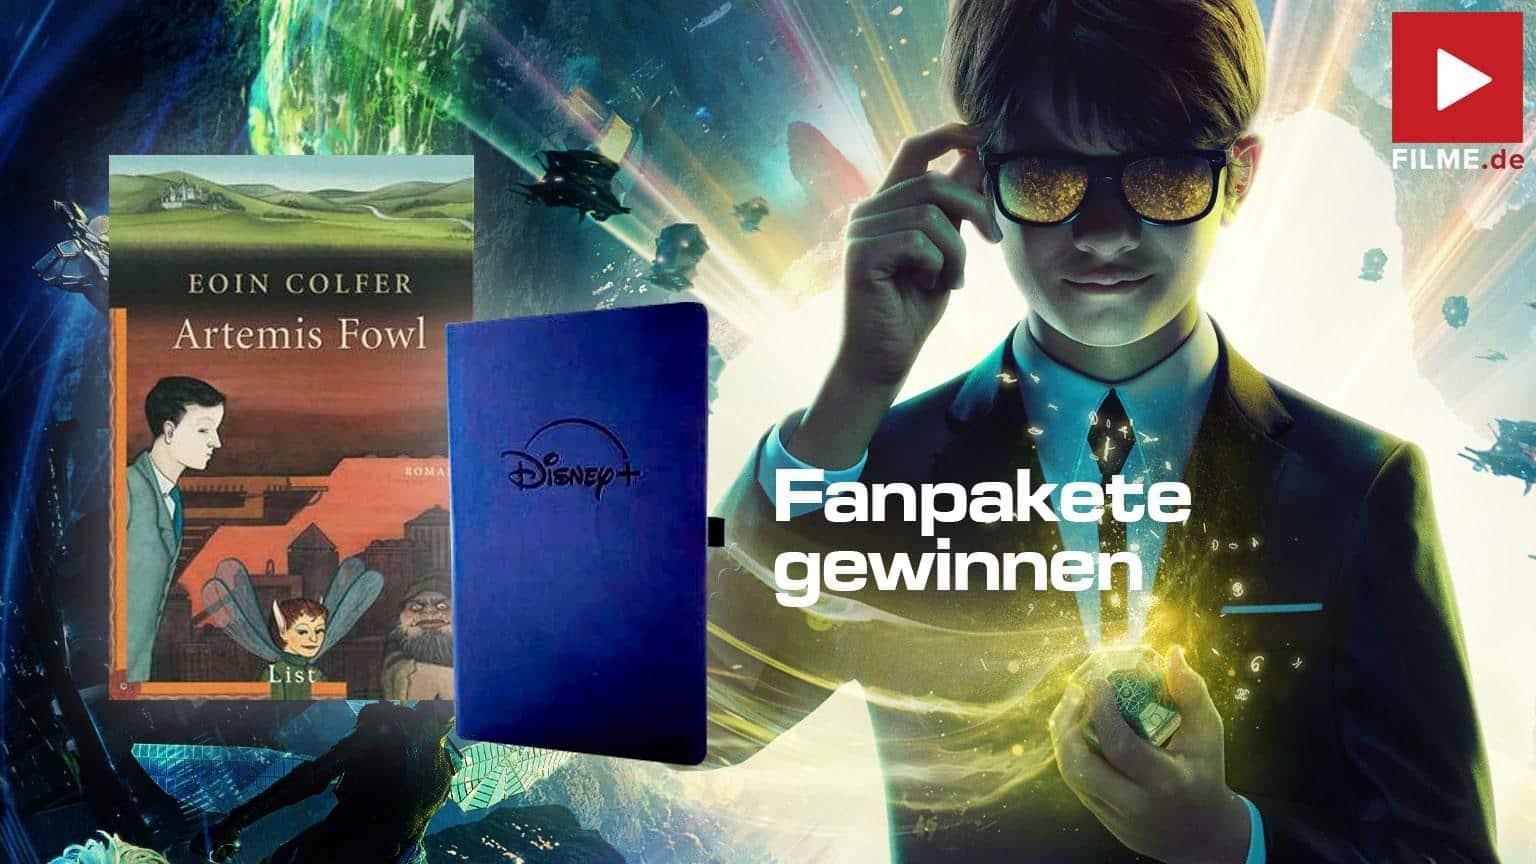 Artemis Fowl Film 2020 Disney+ Gewinnspiel shop kaufen Artikelbild